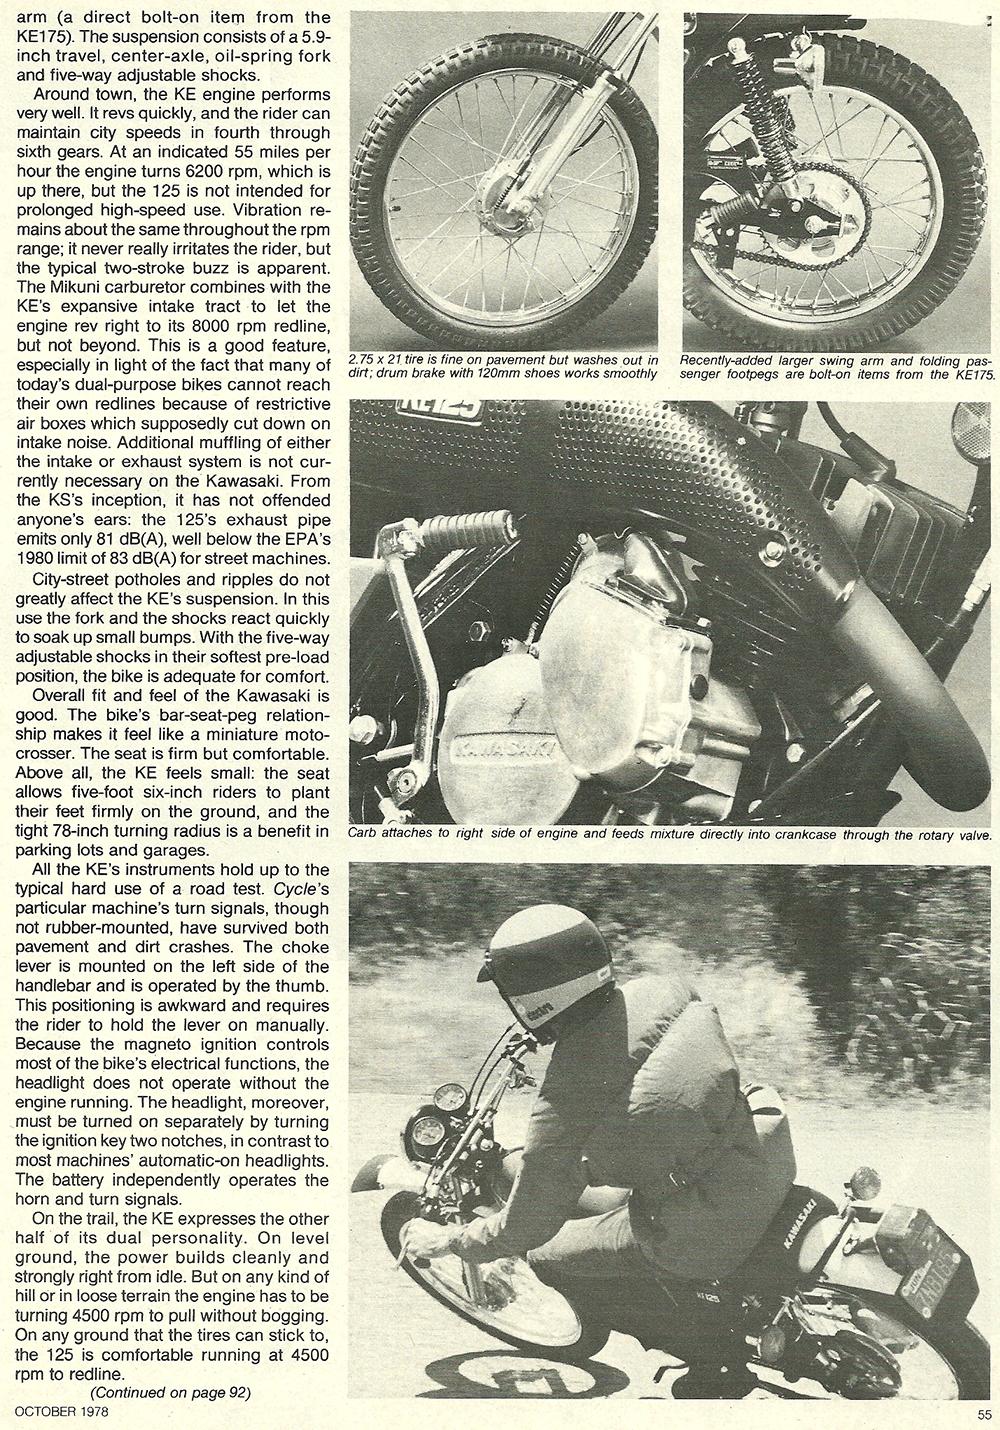 1978 Kawasaki KE125 A5 roat test 04.jpg